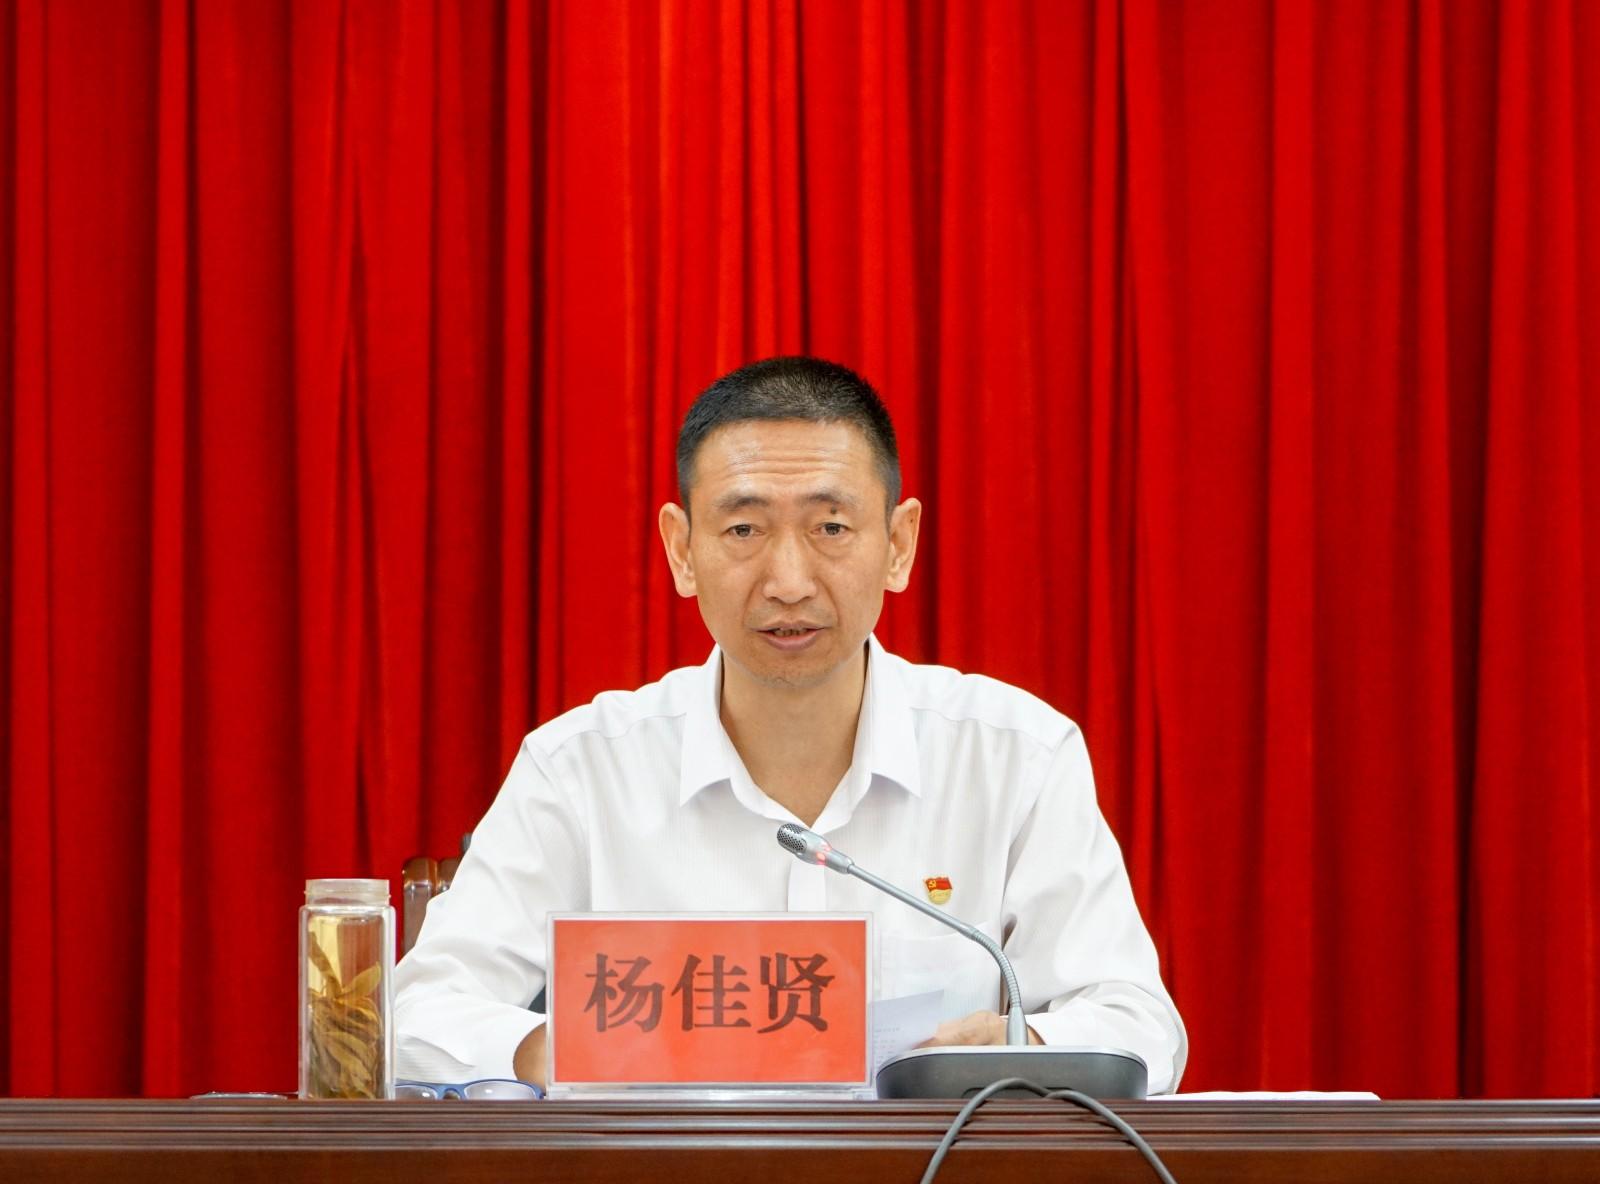 杨佳贤强调:汲取百年党史智慧和力量  推动纪检监察工作高质量发展